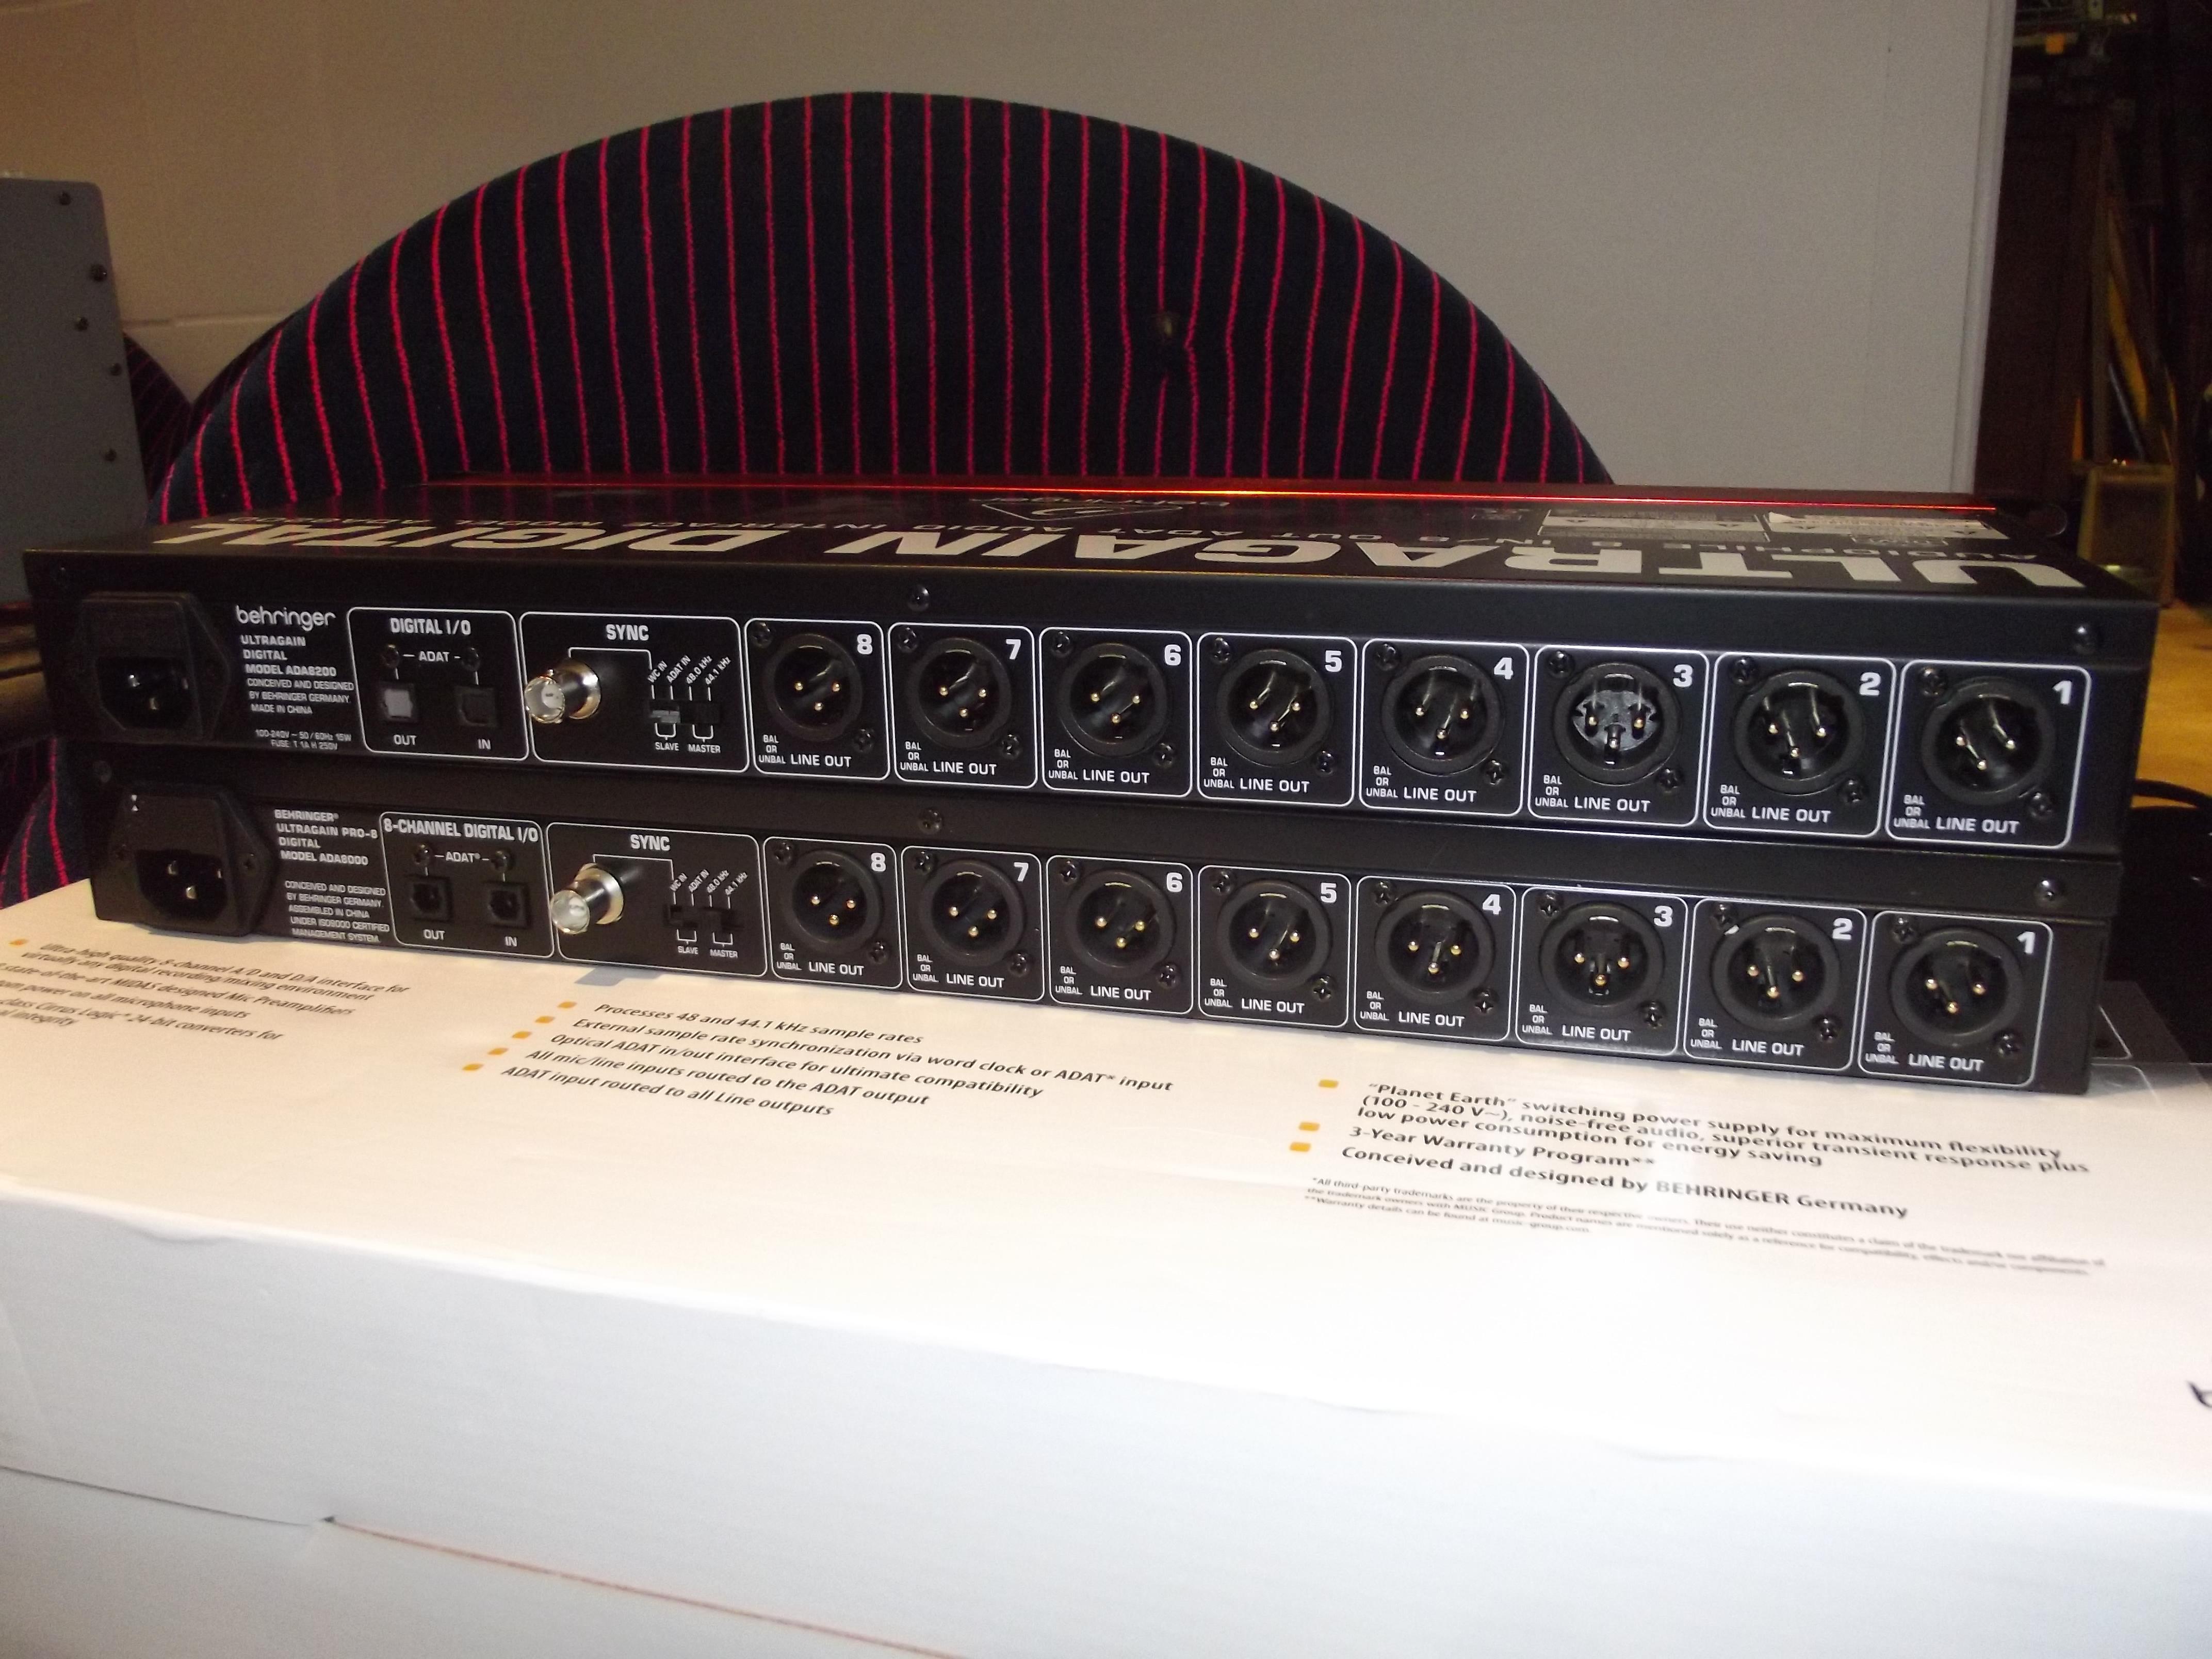 Console de mixage behringer numerique ddx3216 centre audiofanzine - Console numerique behringer ...